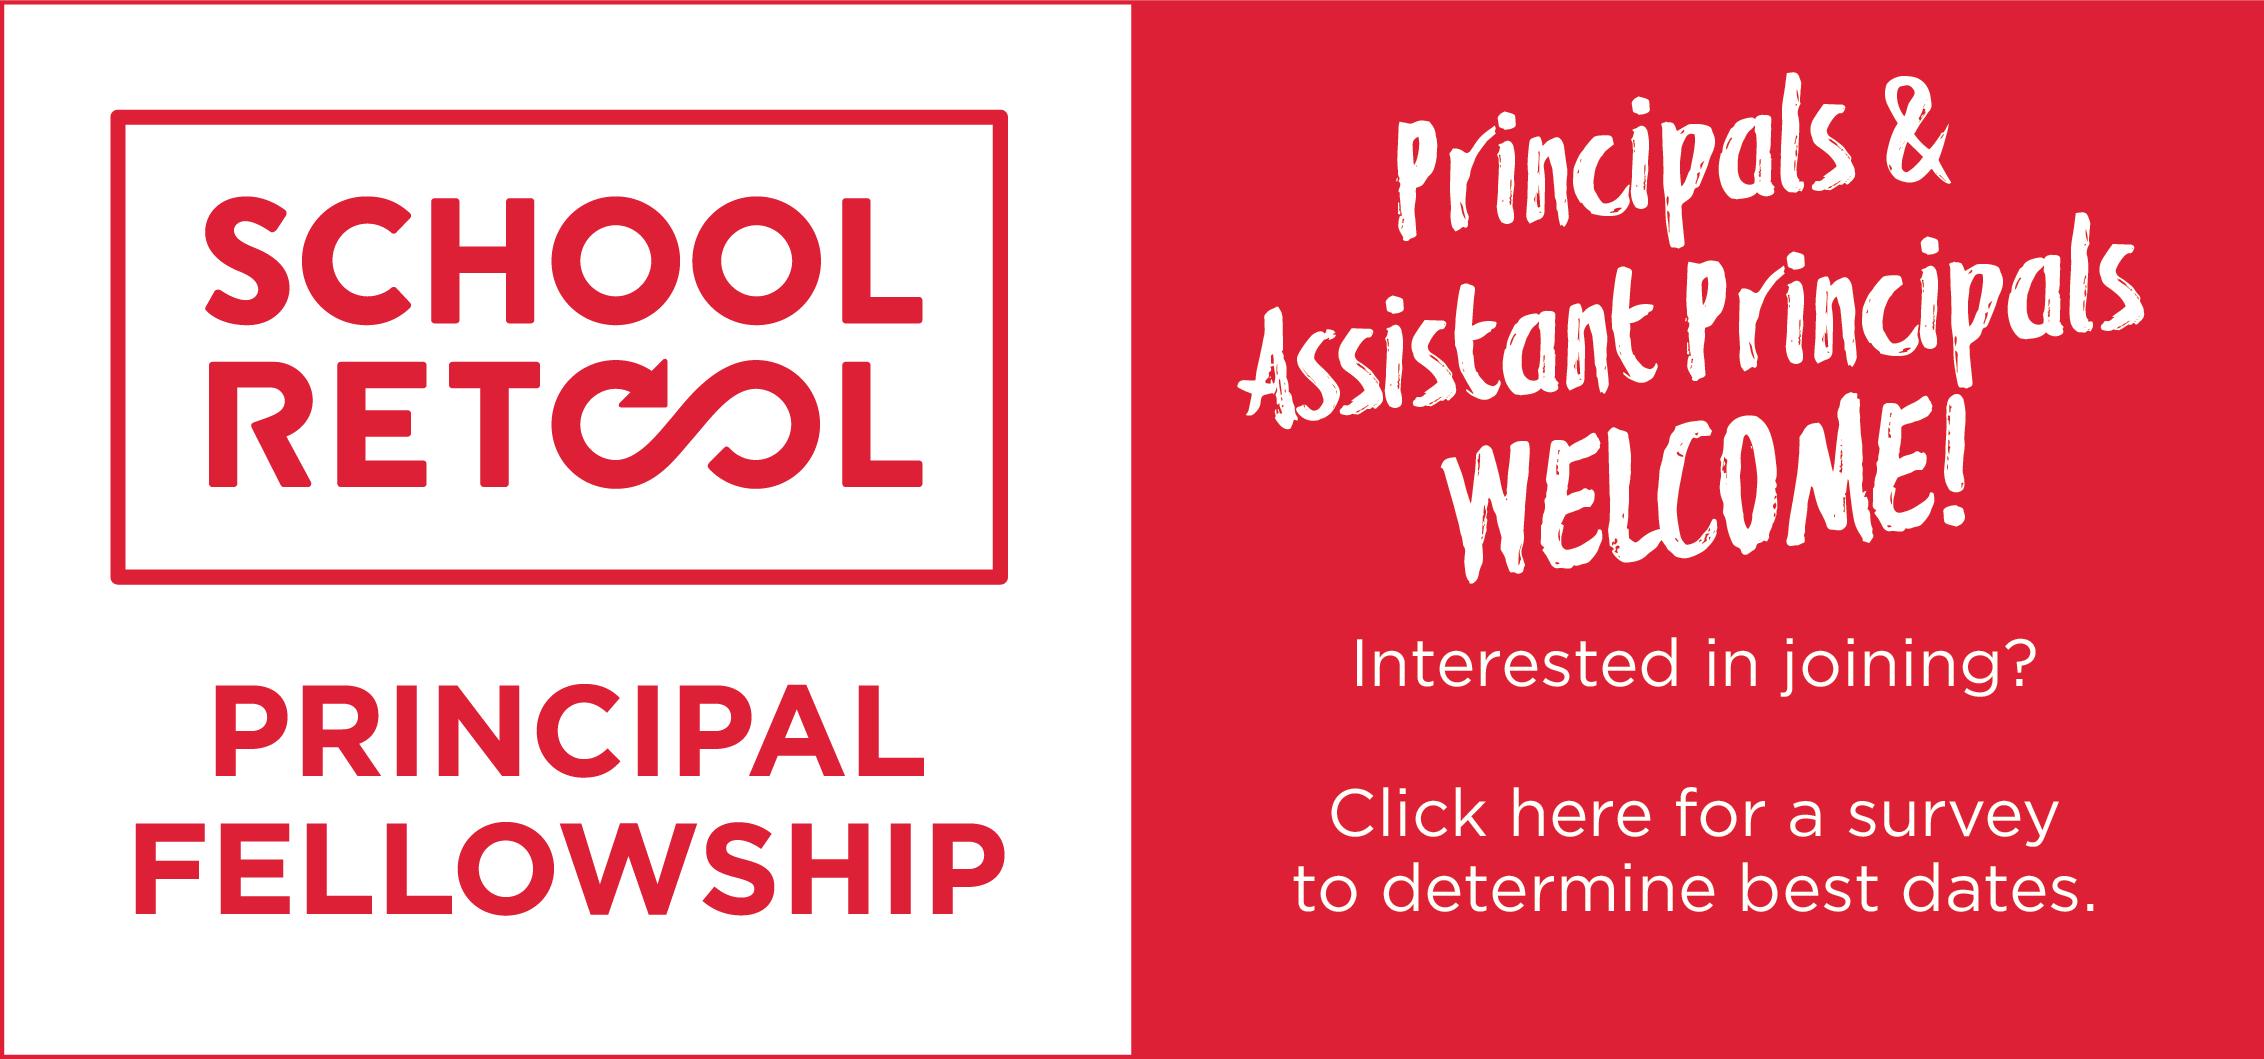 SchoolRetool2018_WebBannerRed.png